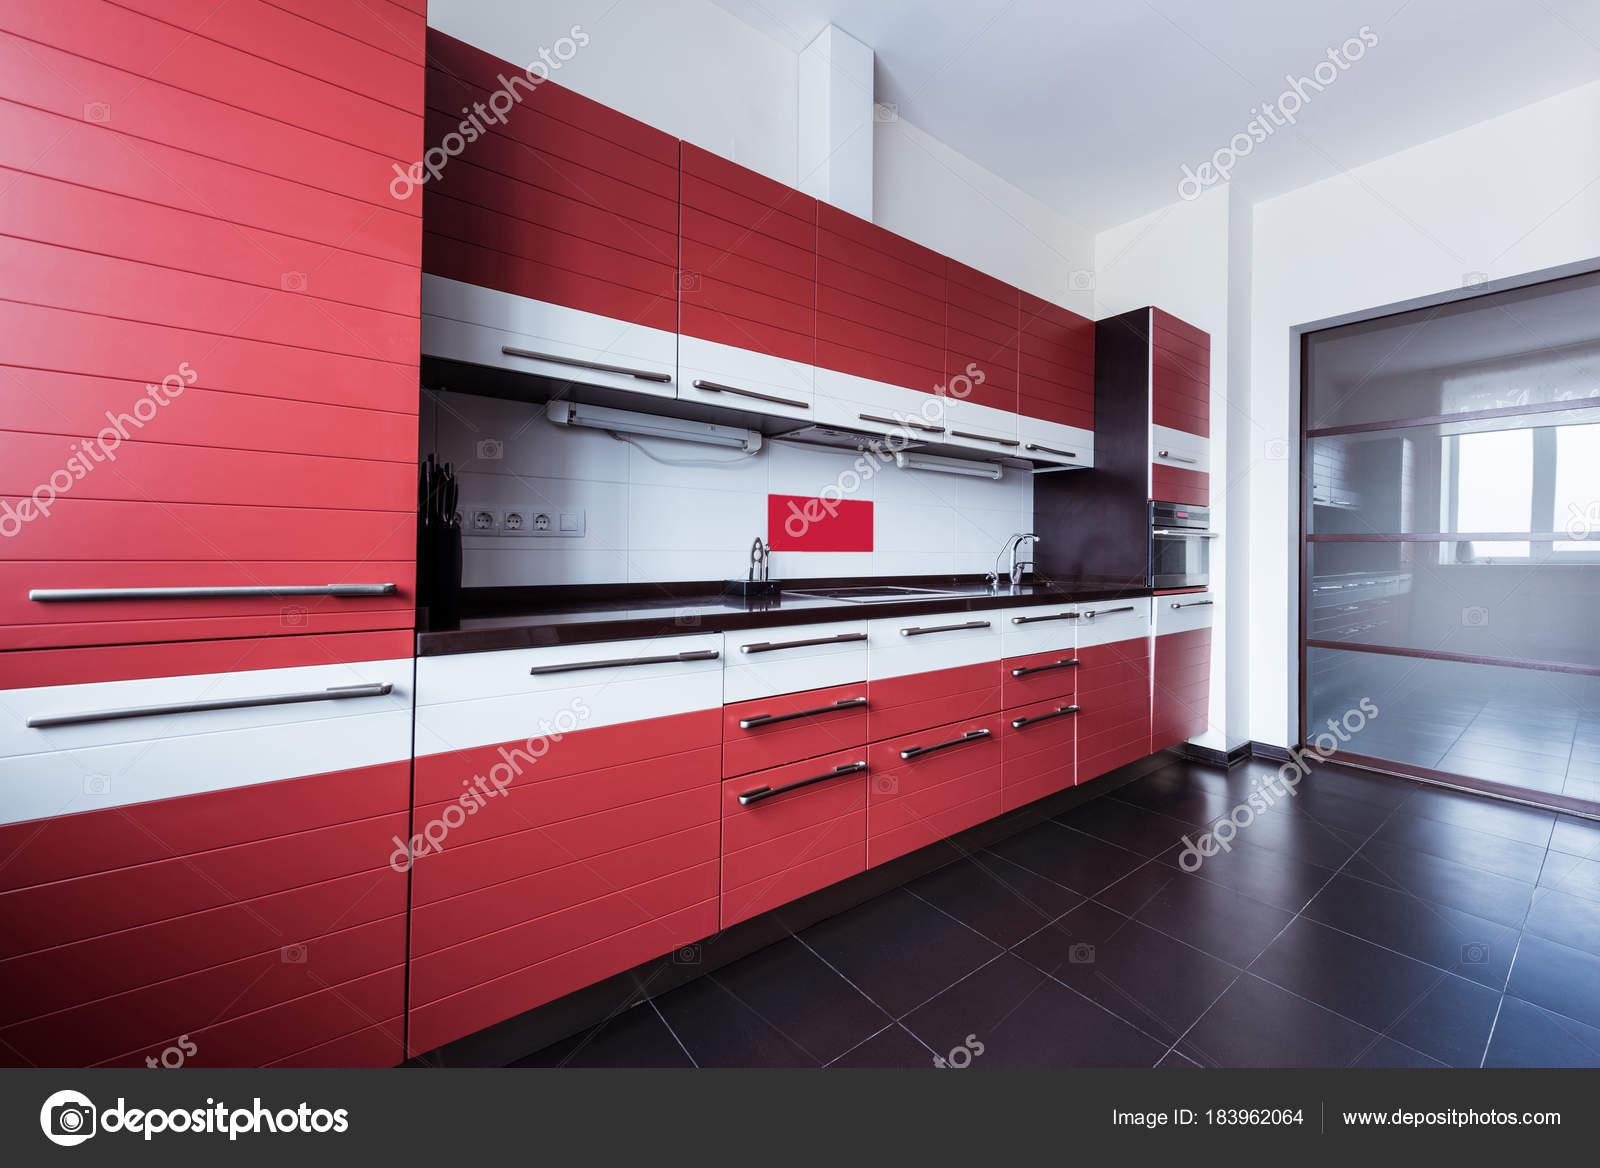 Fotos Cocina Color Rojo Vista Vaciela Cocina Moderna Color Rojo - Cocinas-color-rojo